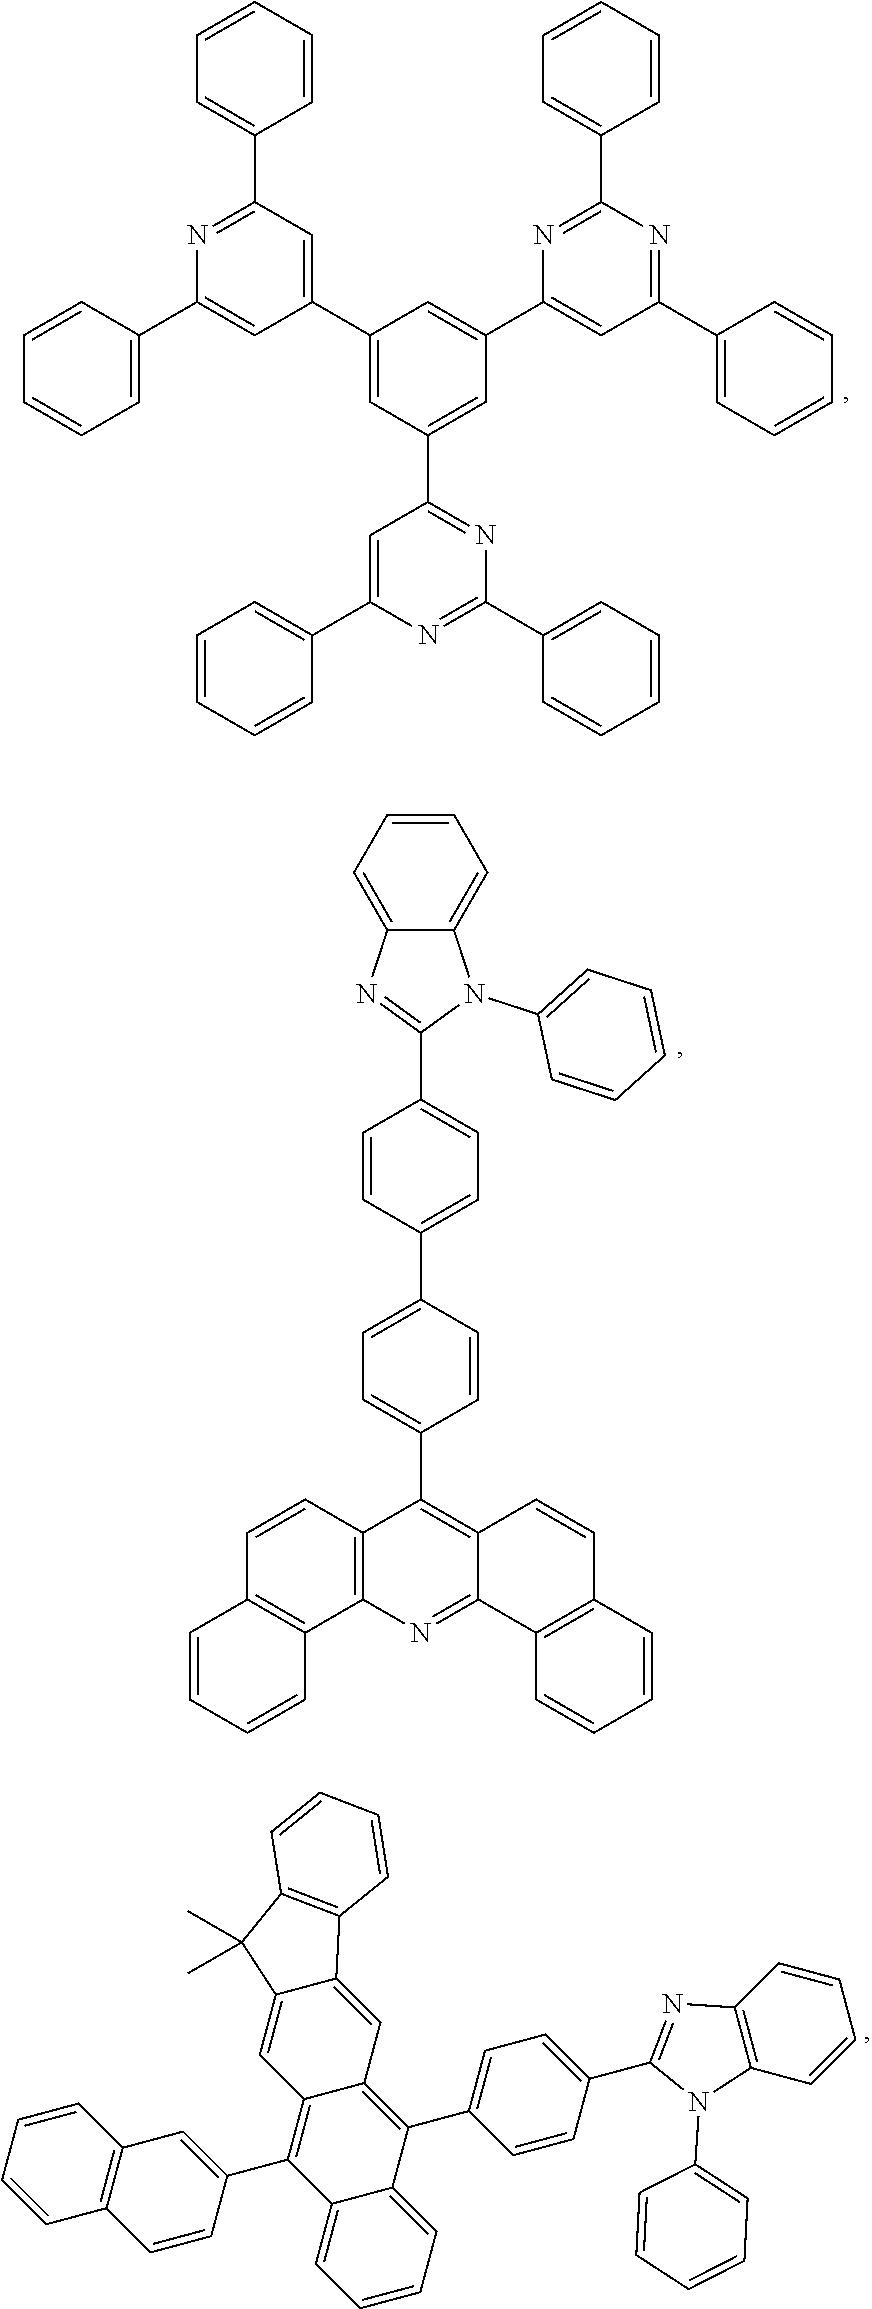 Figure US20190161504A1-20190530-C00092